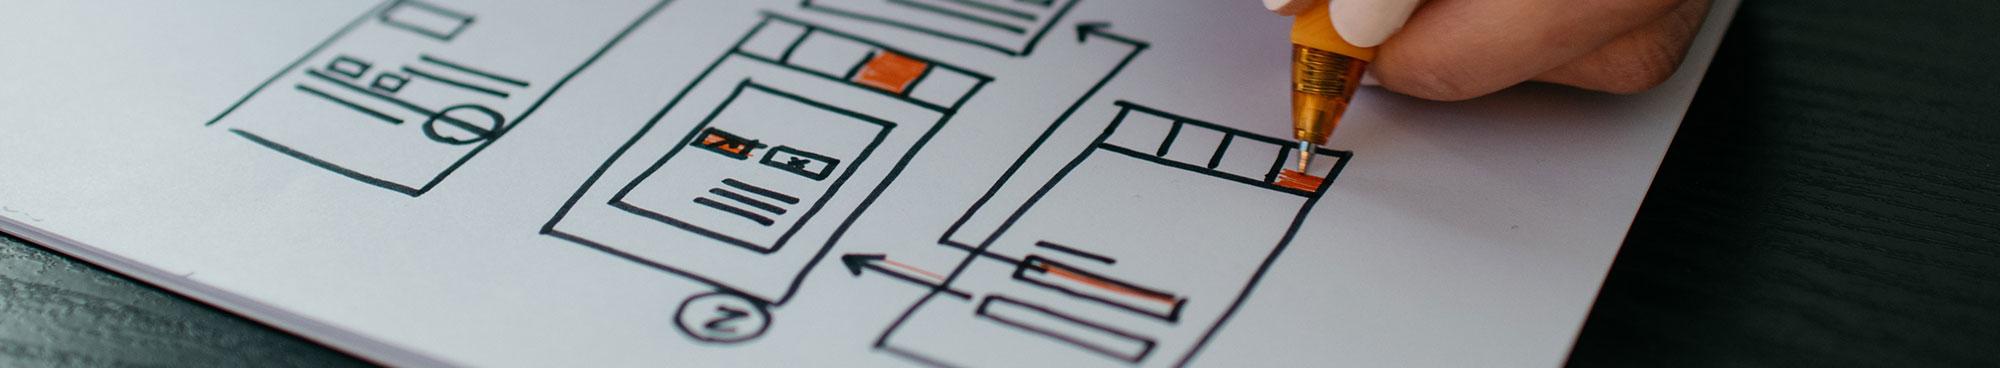 Weboldal tervezés mi alapján történik?